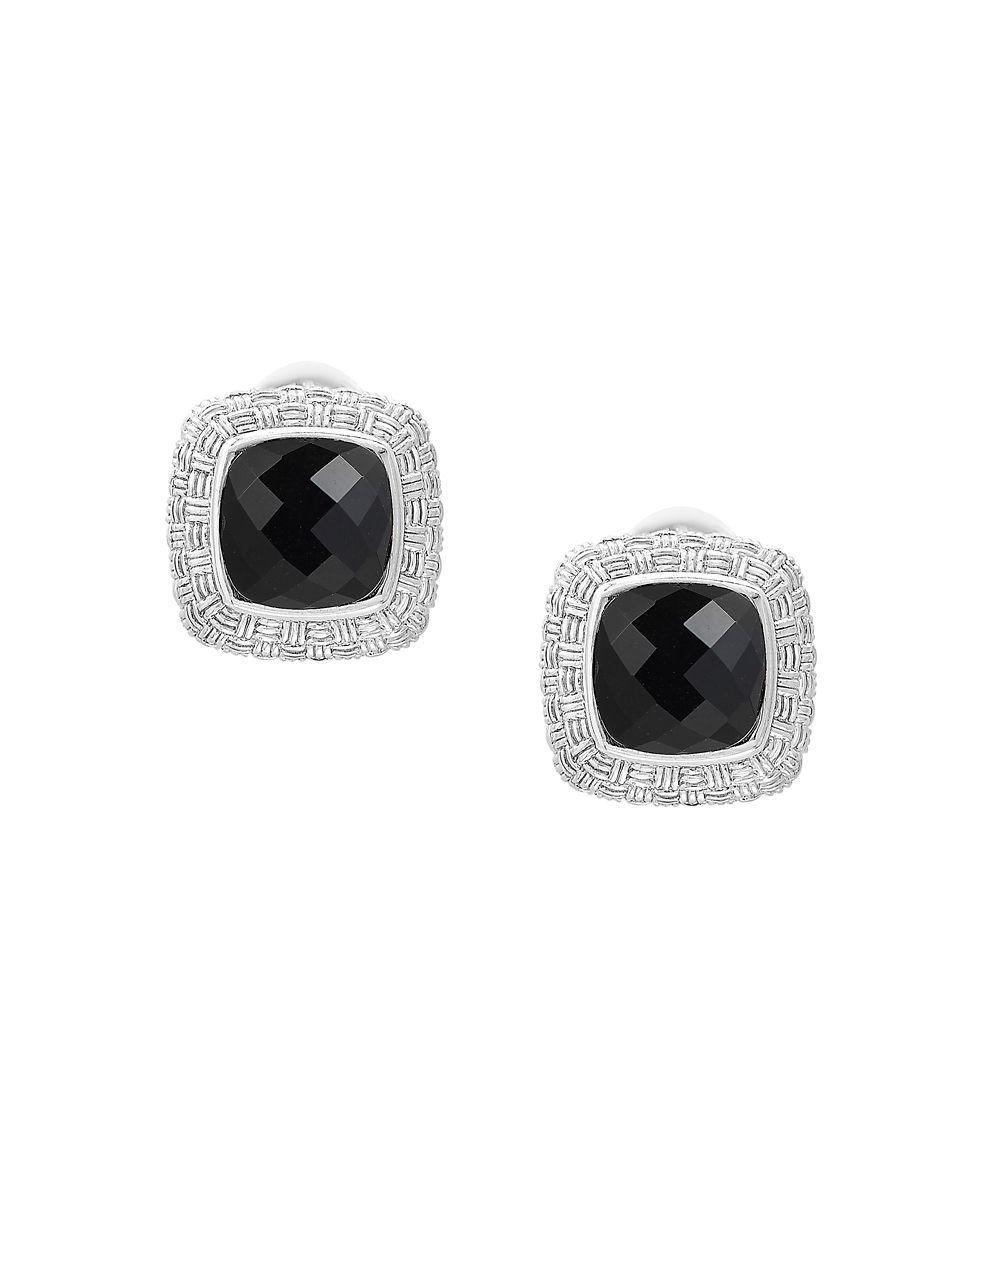 fac23d49e Effy - Black Onyx & Sterling Silver Earrings - Lyst. View fullscreen